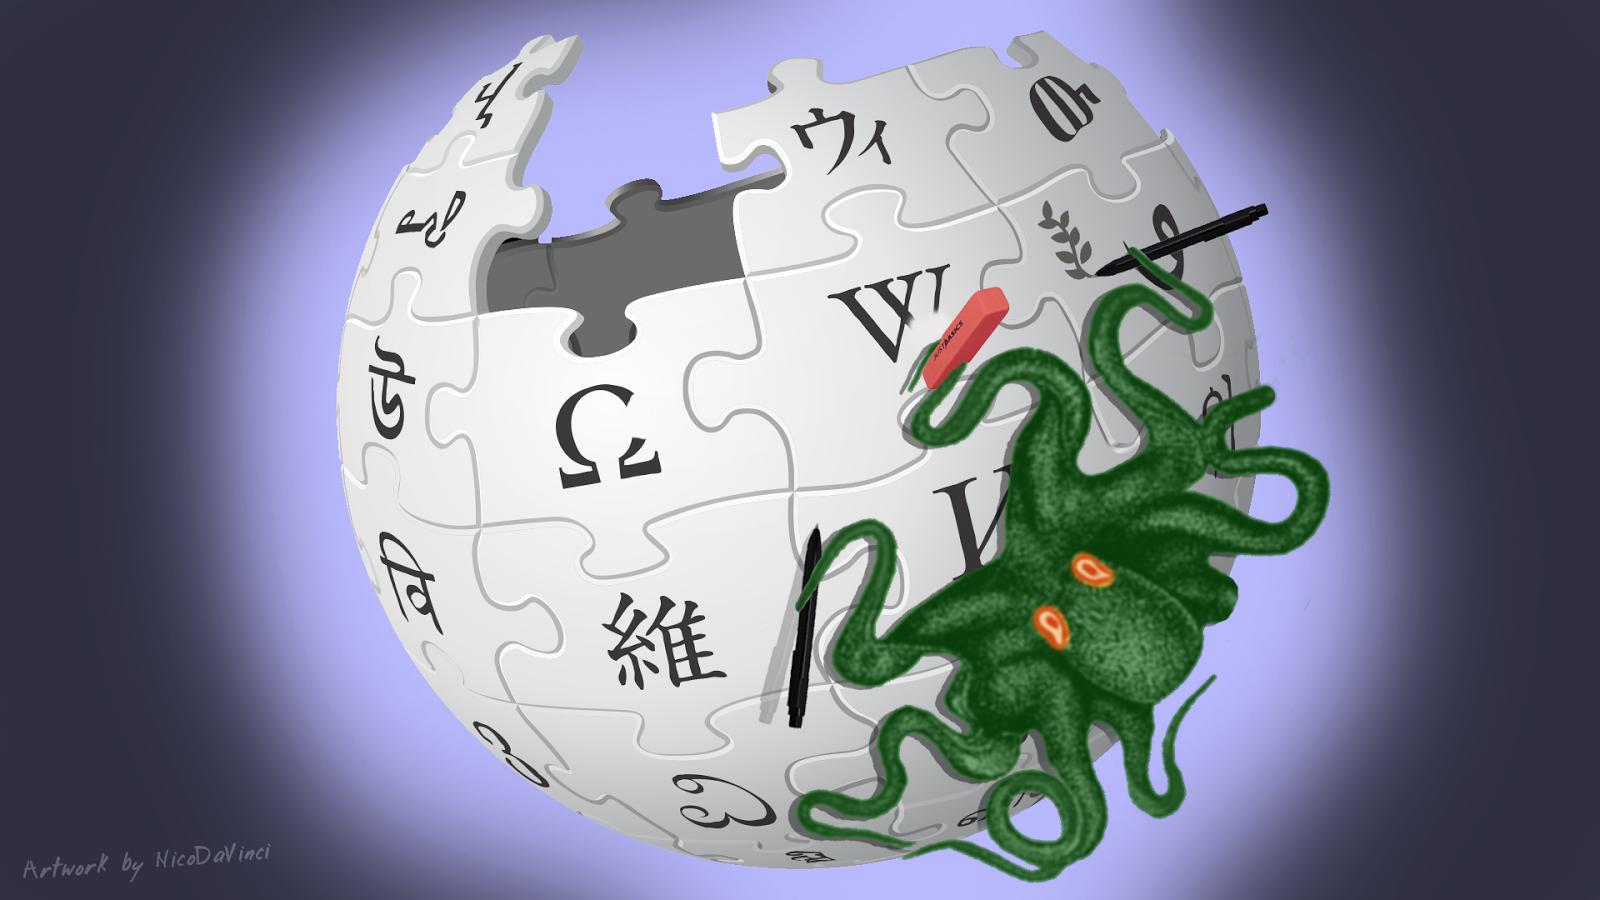 Kritische Analyse zum Abnehmen wikipedia